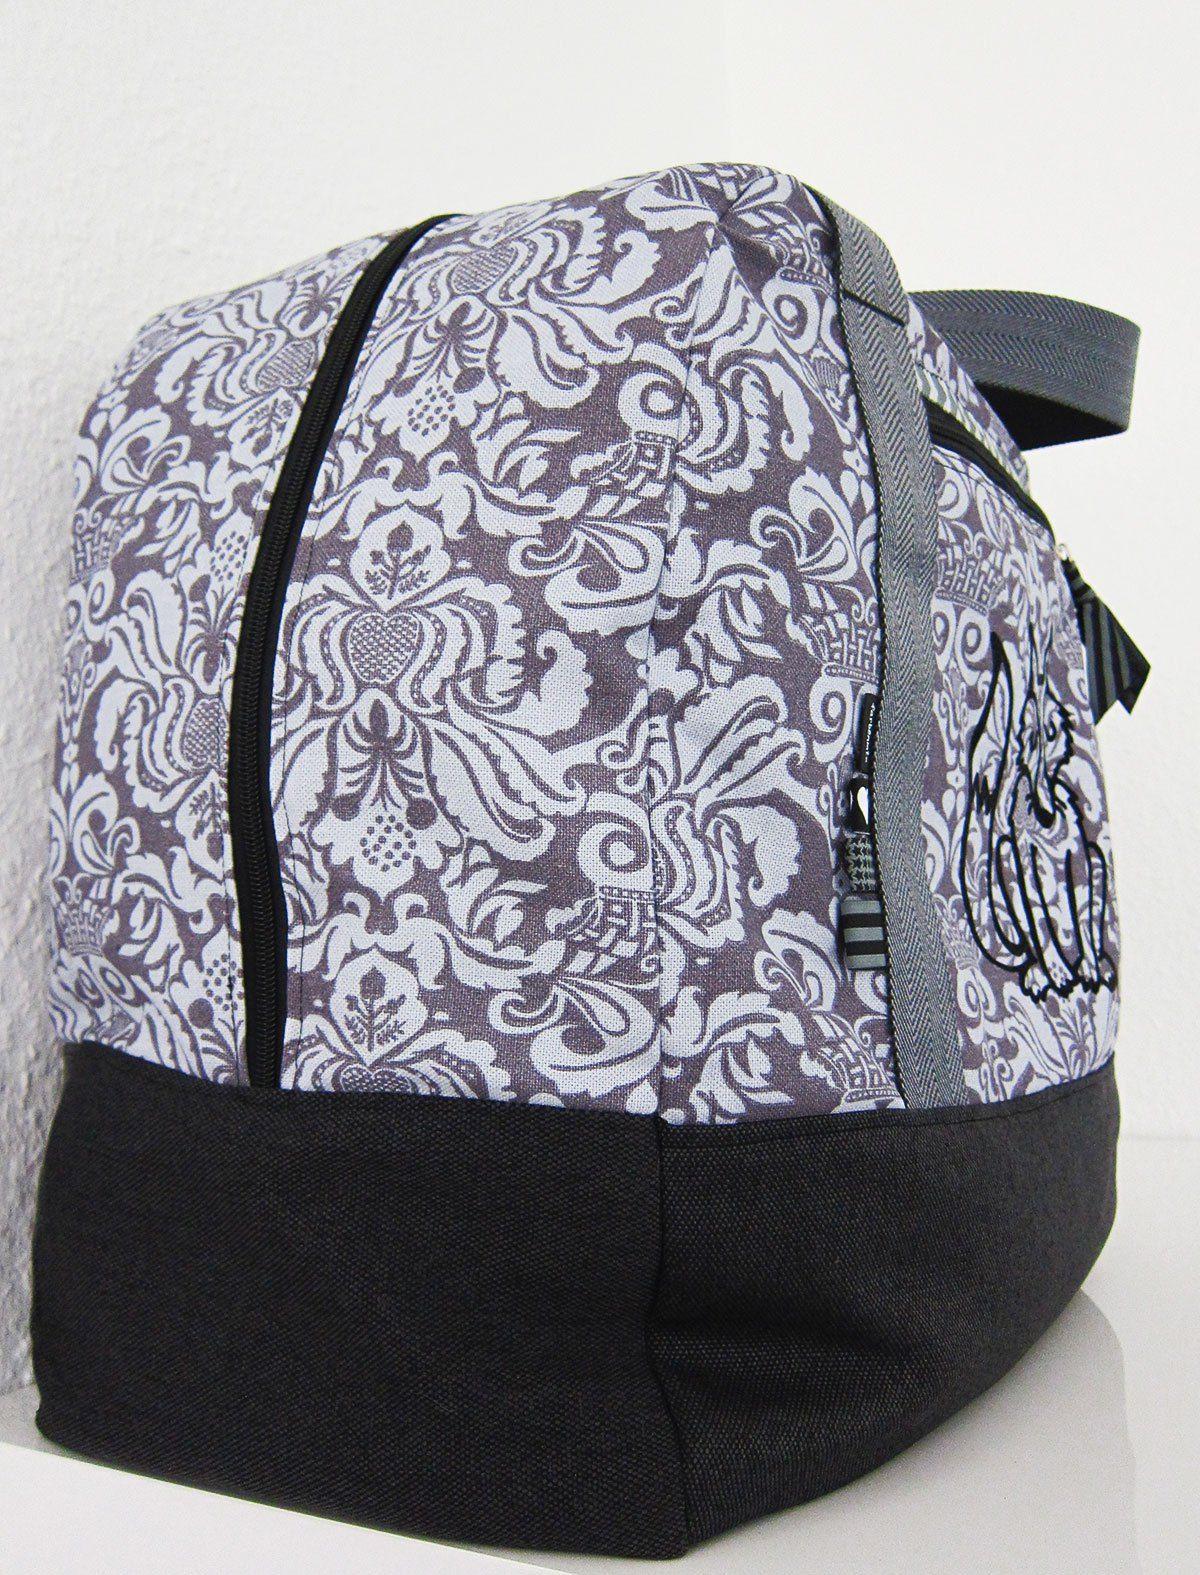 farbenmix-taschenspieler-3-reisetasche-xxl-grosse-tasche-zum ...